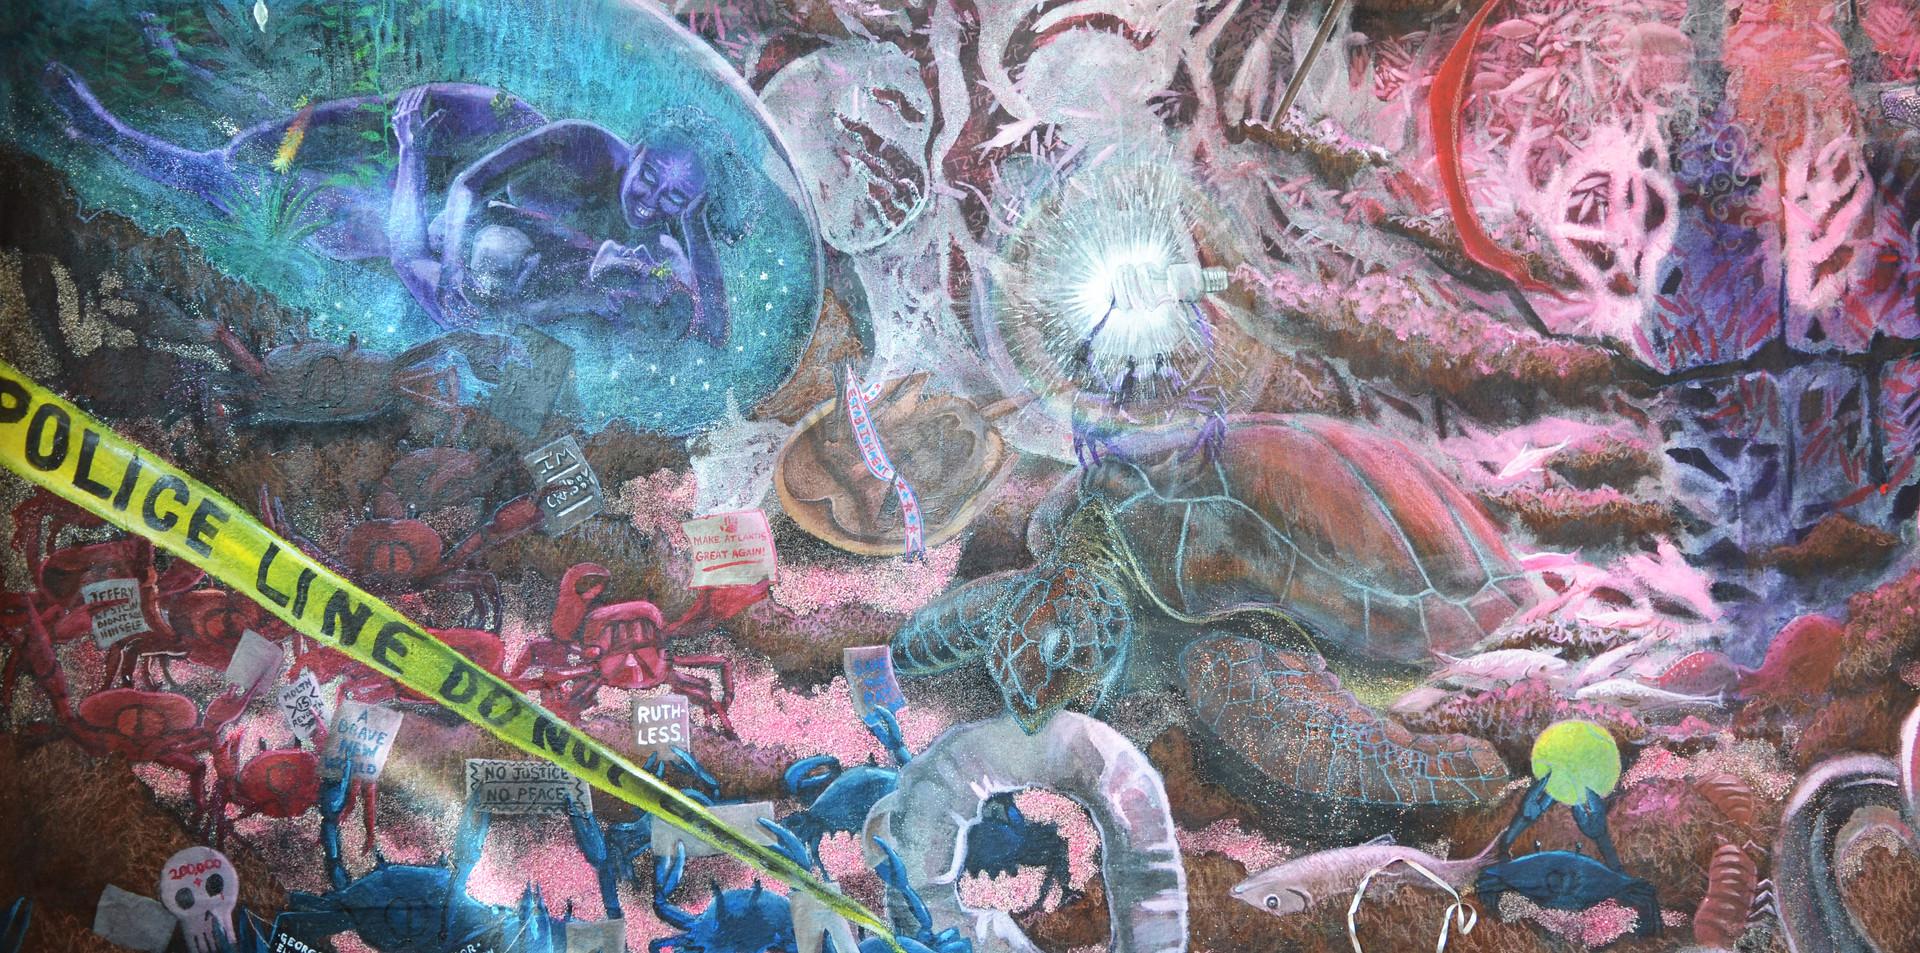 Detail: bottom left